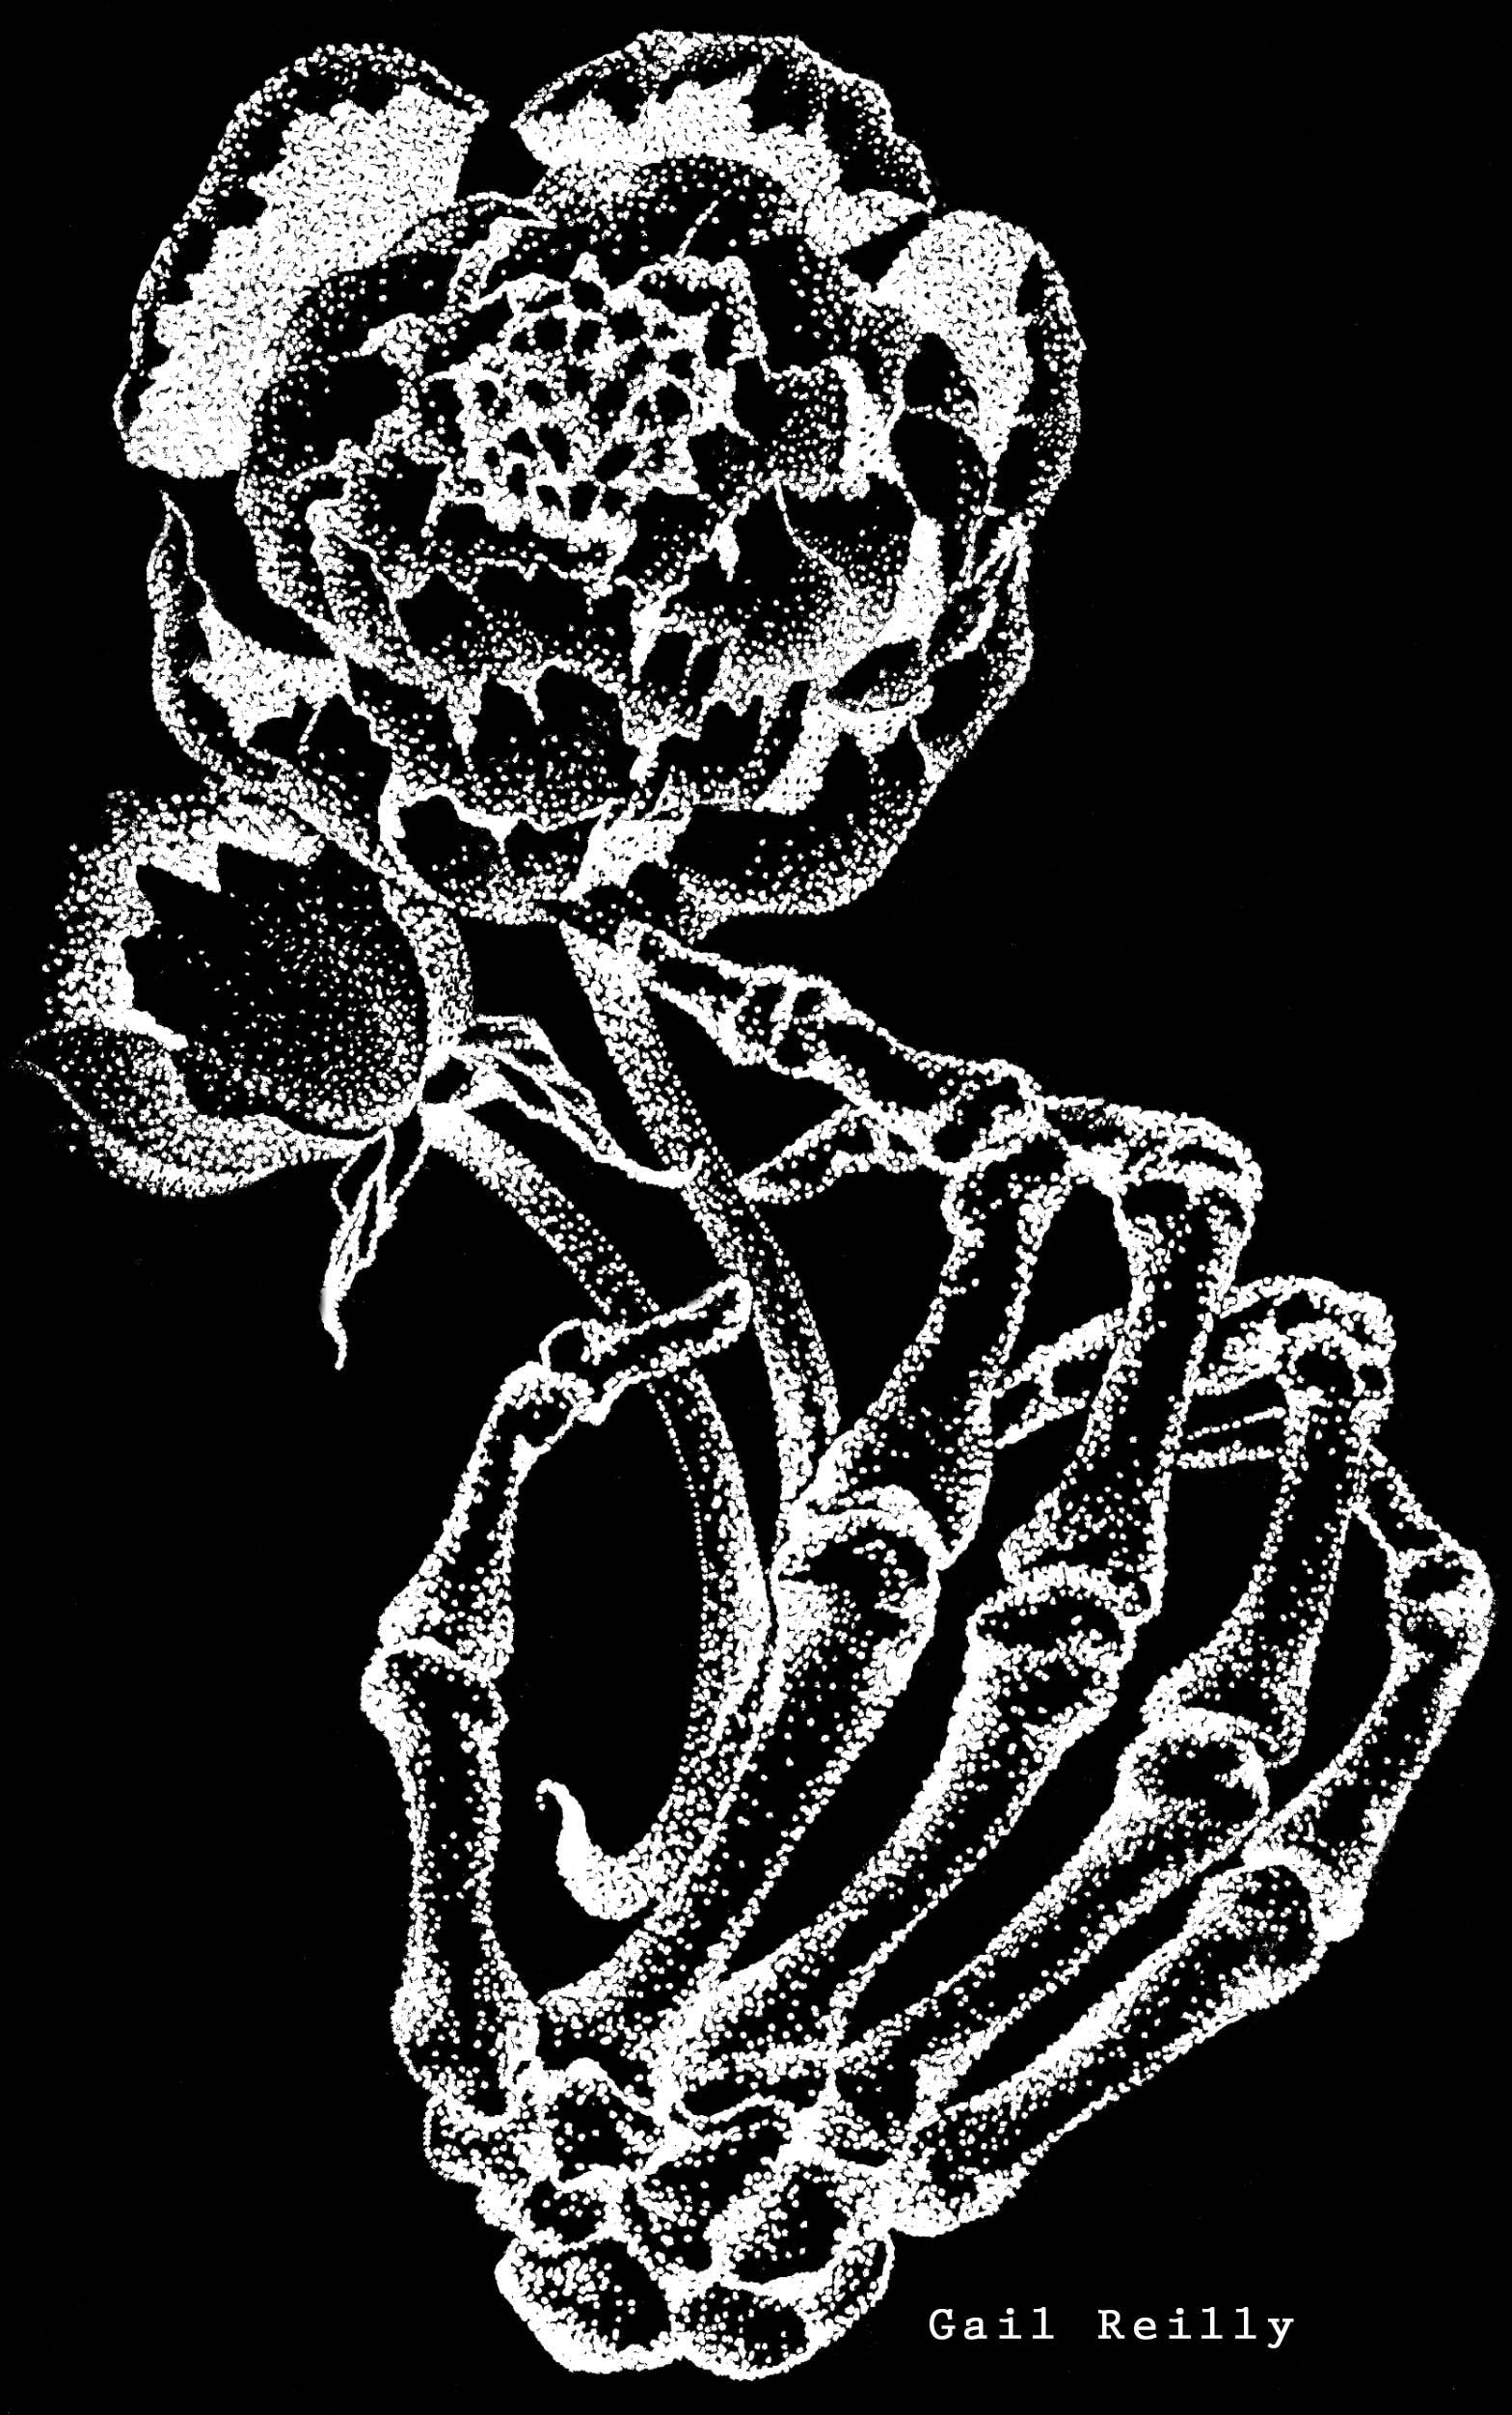 Gail Reilly - Skelehand